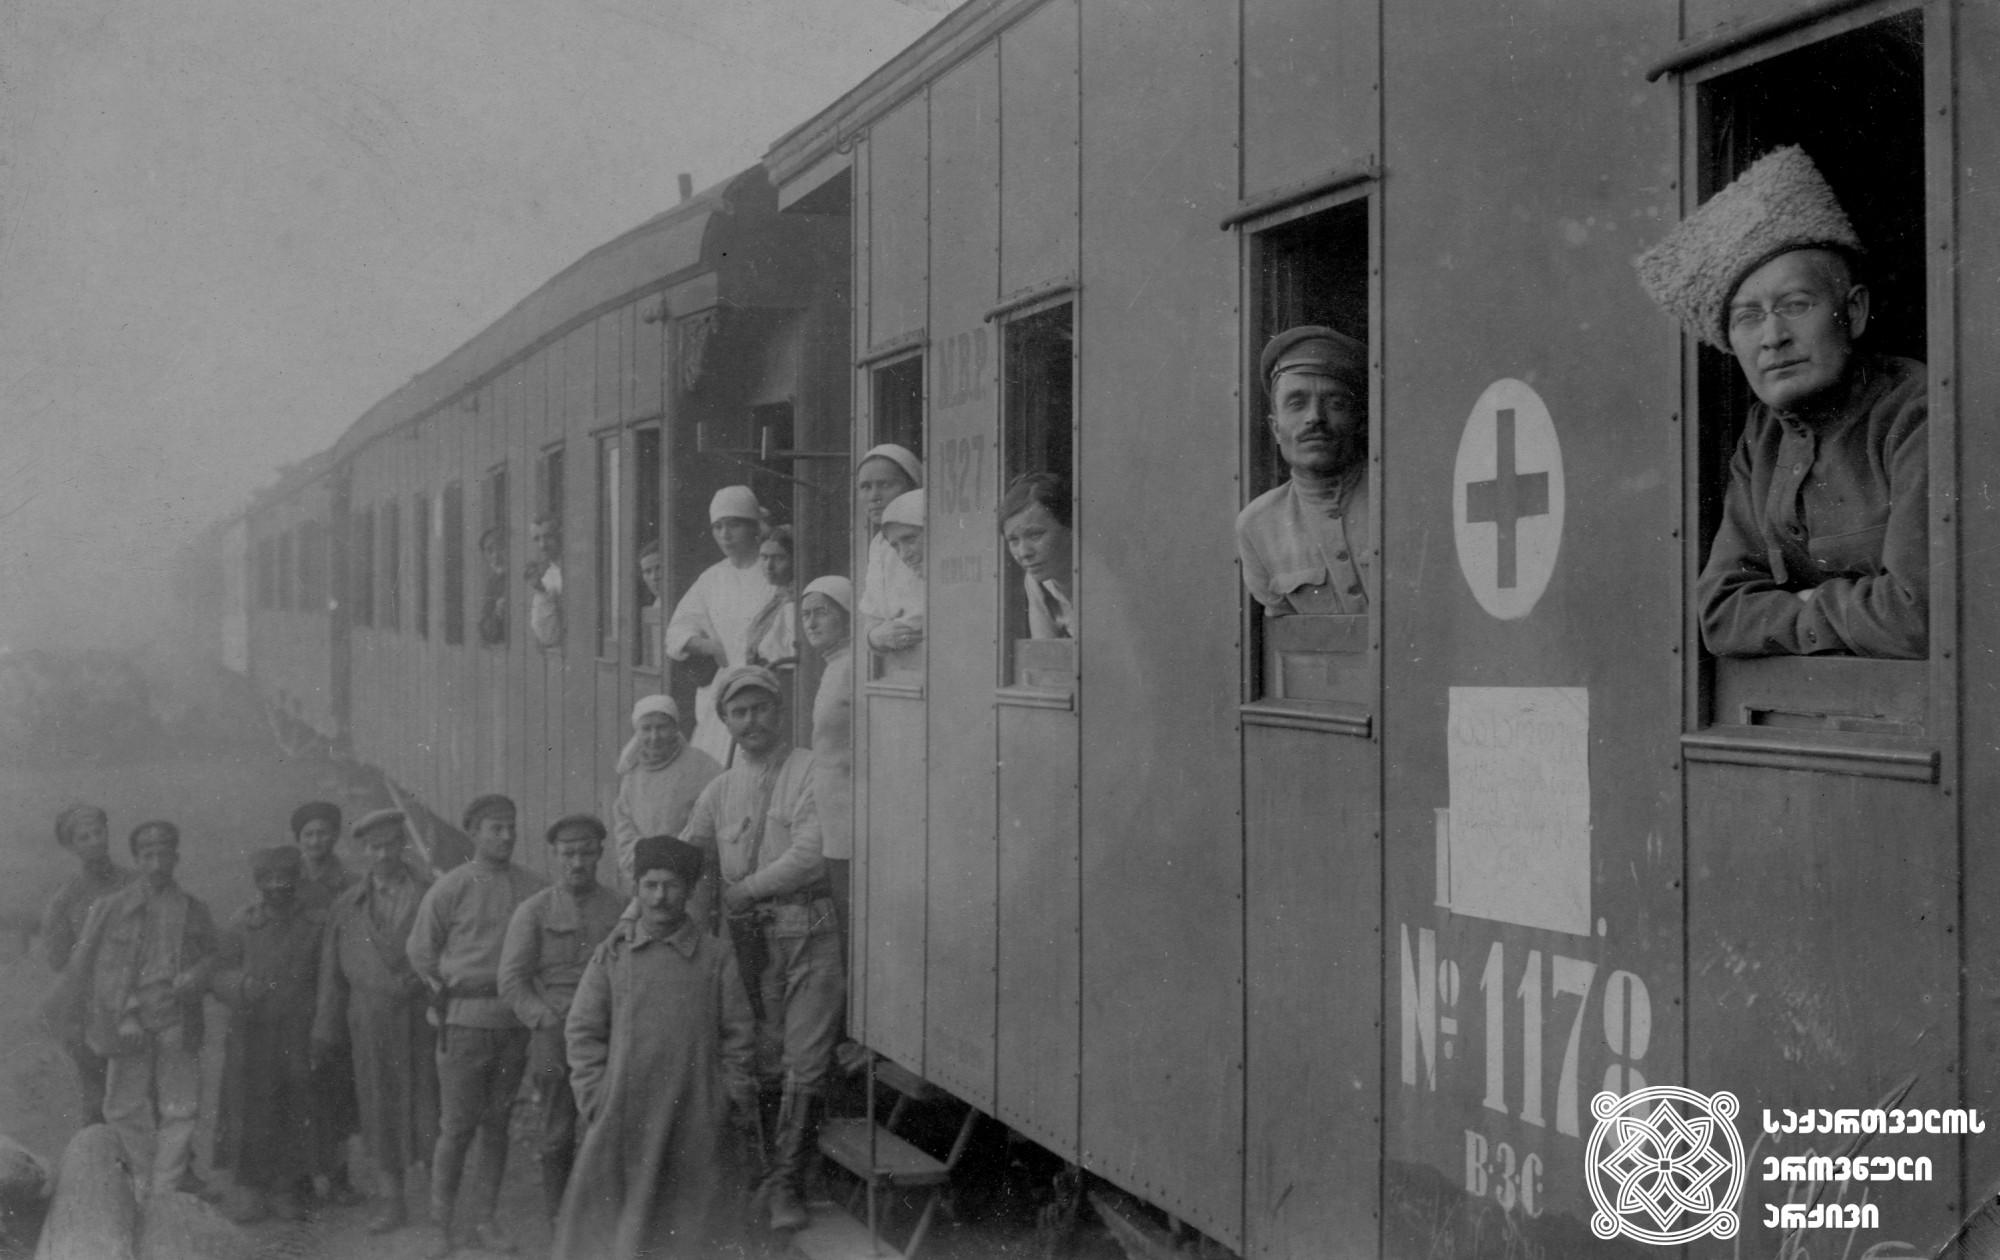 საქართველოს შეიარაღებული ძალების სანიტარიული მატარებელი. <br> თბილისი, 1918-1921 წლები. <br> The sanitary train of the Georgian Armed Forces. <br> Tbilisi, 1918-1921.